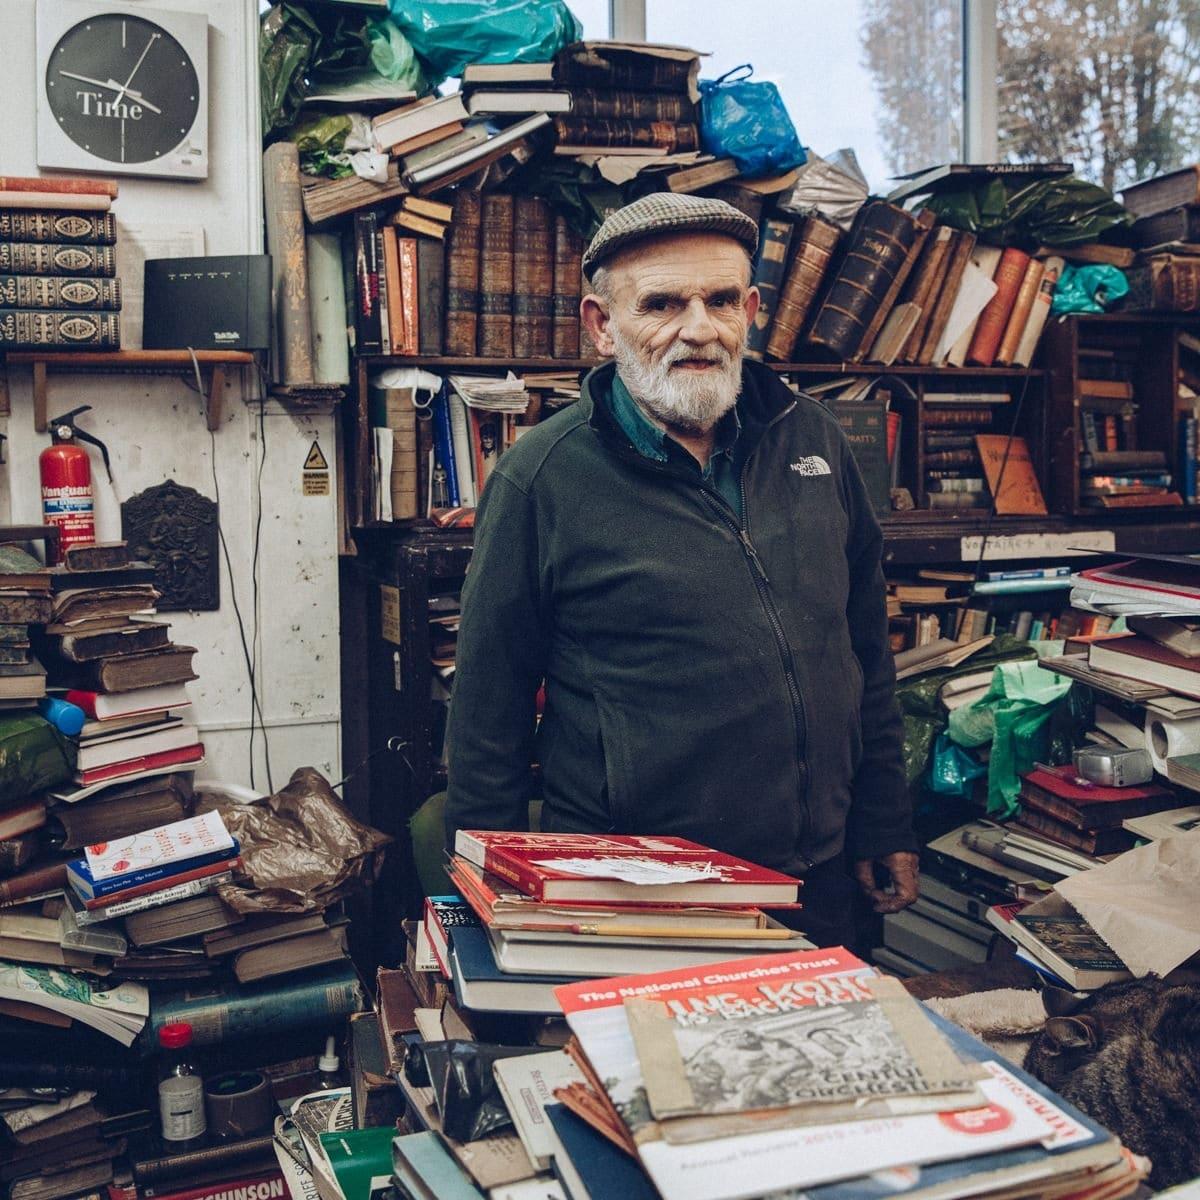 Voltaire & Rousseau une boutique de livres de 2nde main très improbable à Glasgow, Ecosse